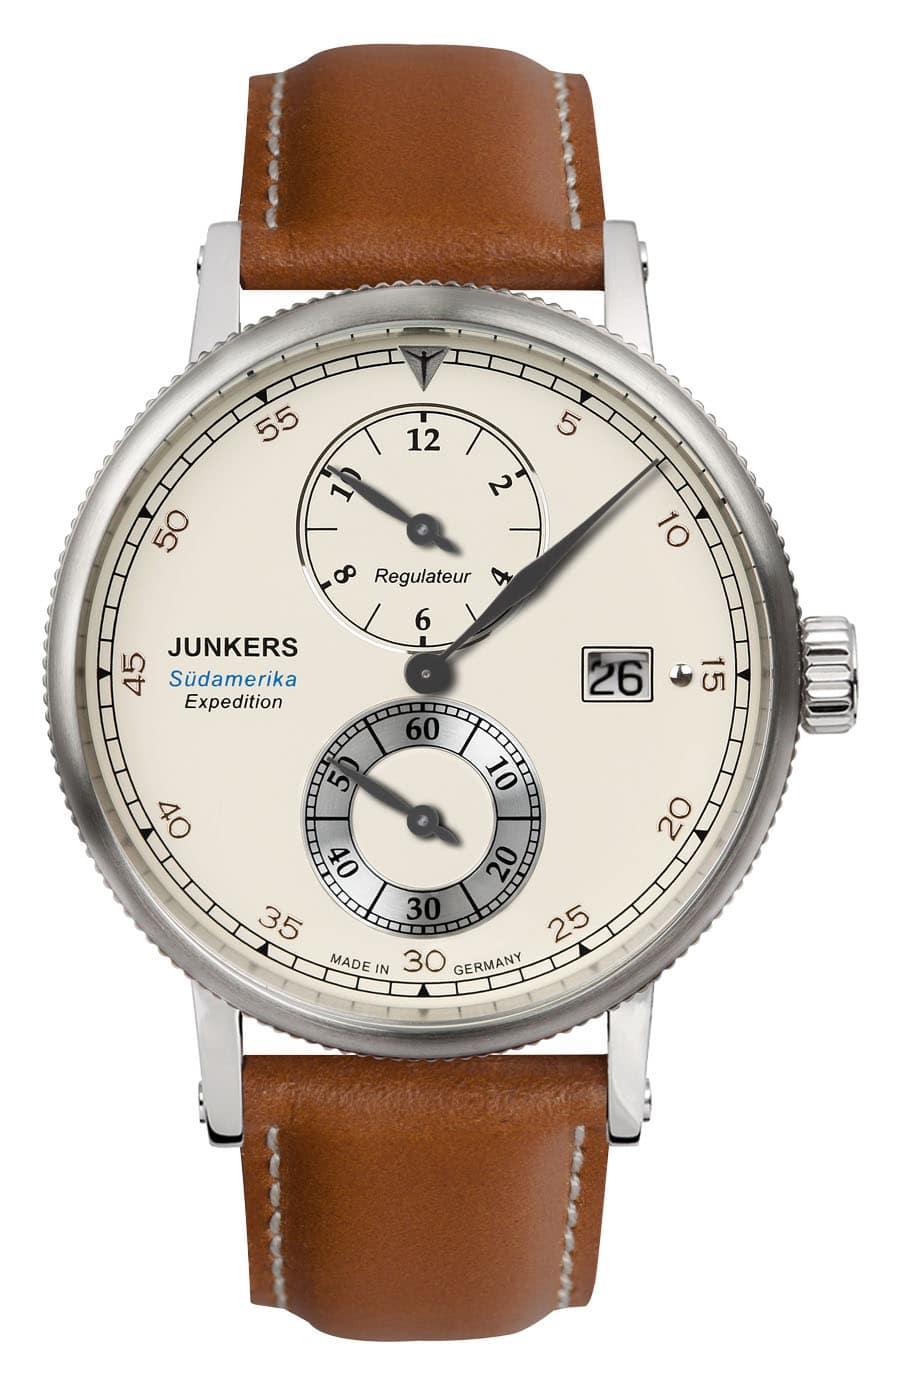 Junkers: Regulateur